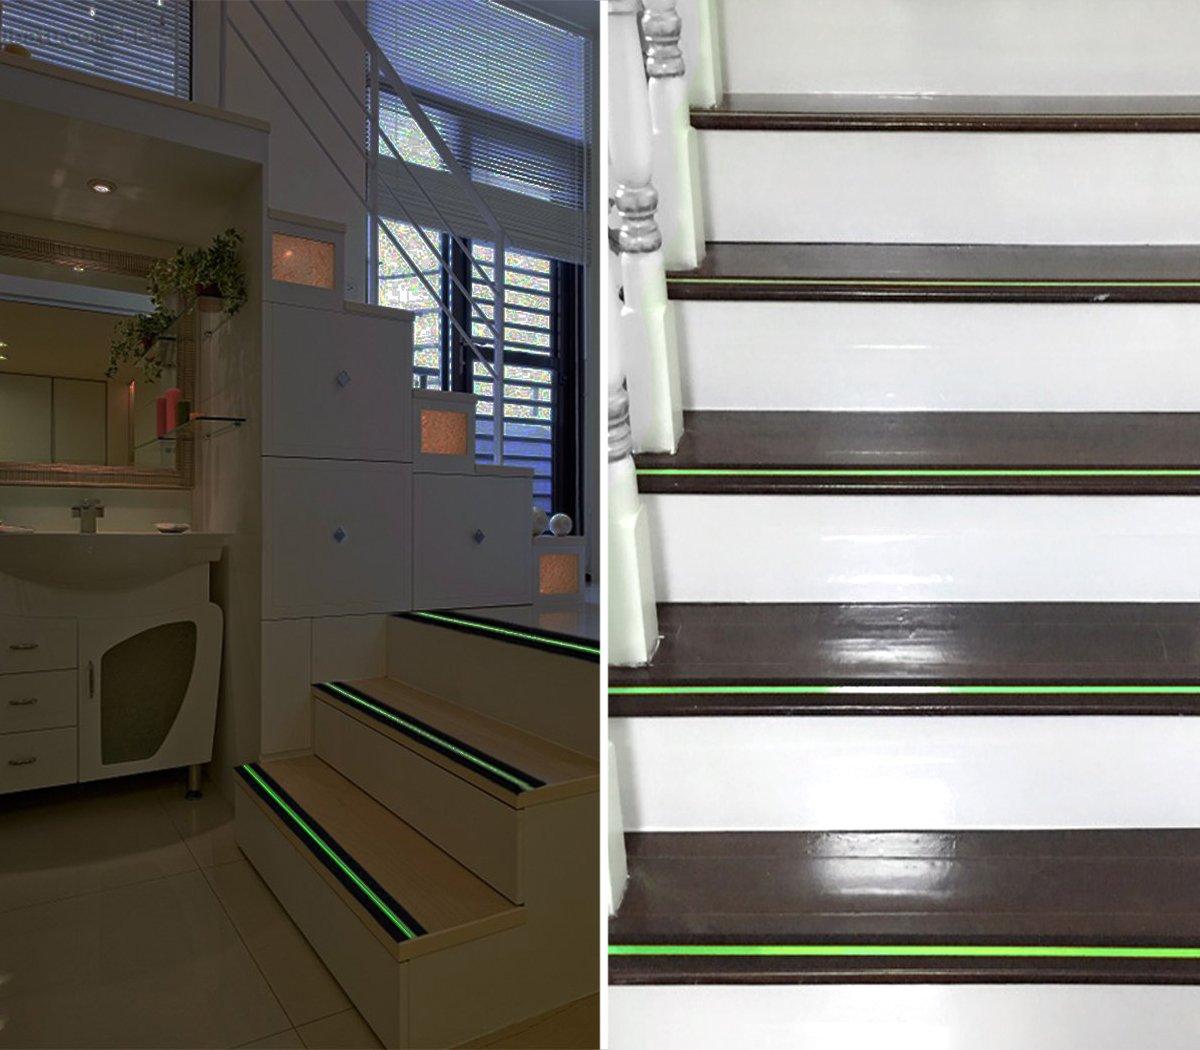 Indoor /& Outdoor 5,1 cm X 16.4 ft Schwarz Rutschfeste Grip Tape Glow in Dark TooTaci Sicherheit Tape verbessert Grip und rutschfeste Sicherheit Stufenmatte Treppenstufe